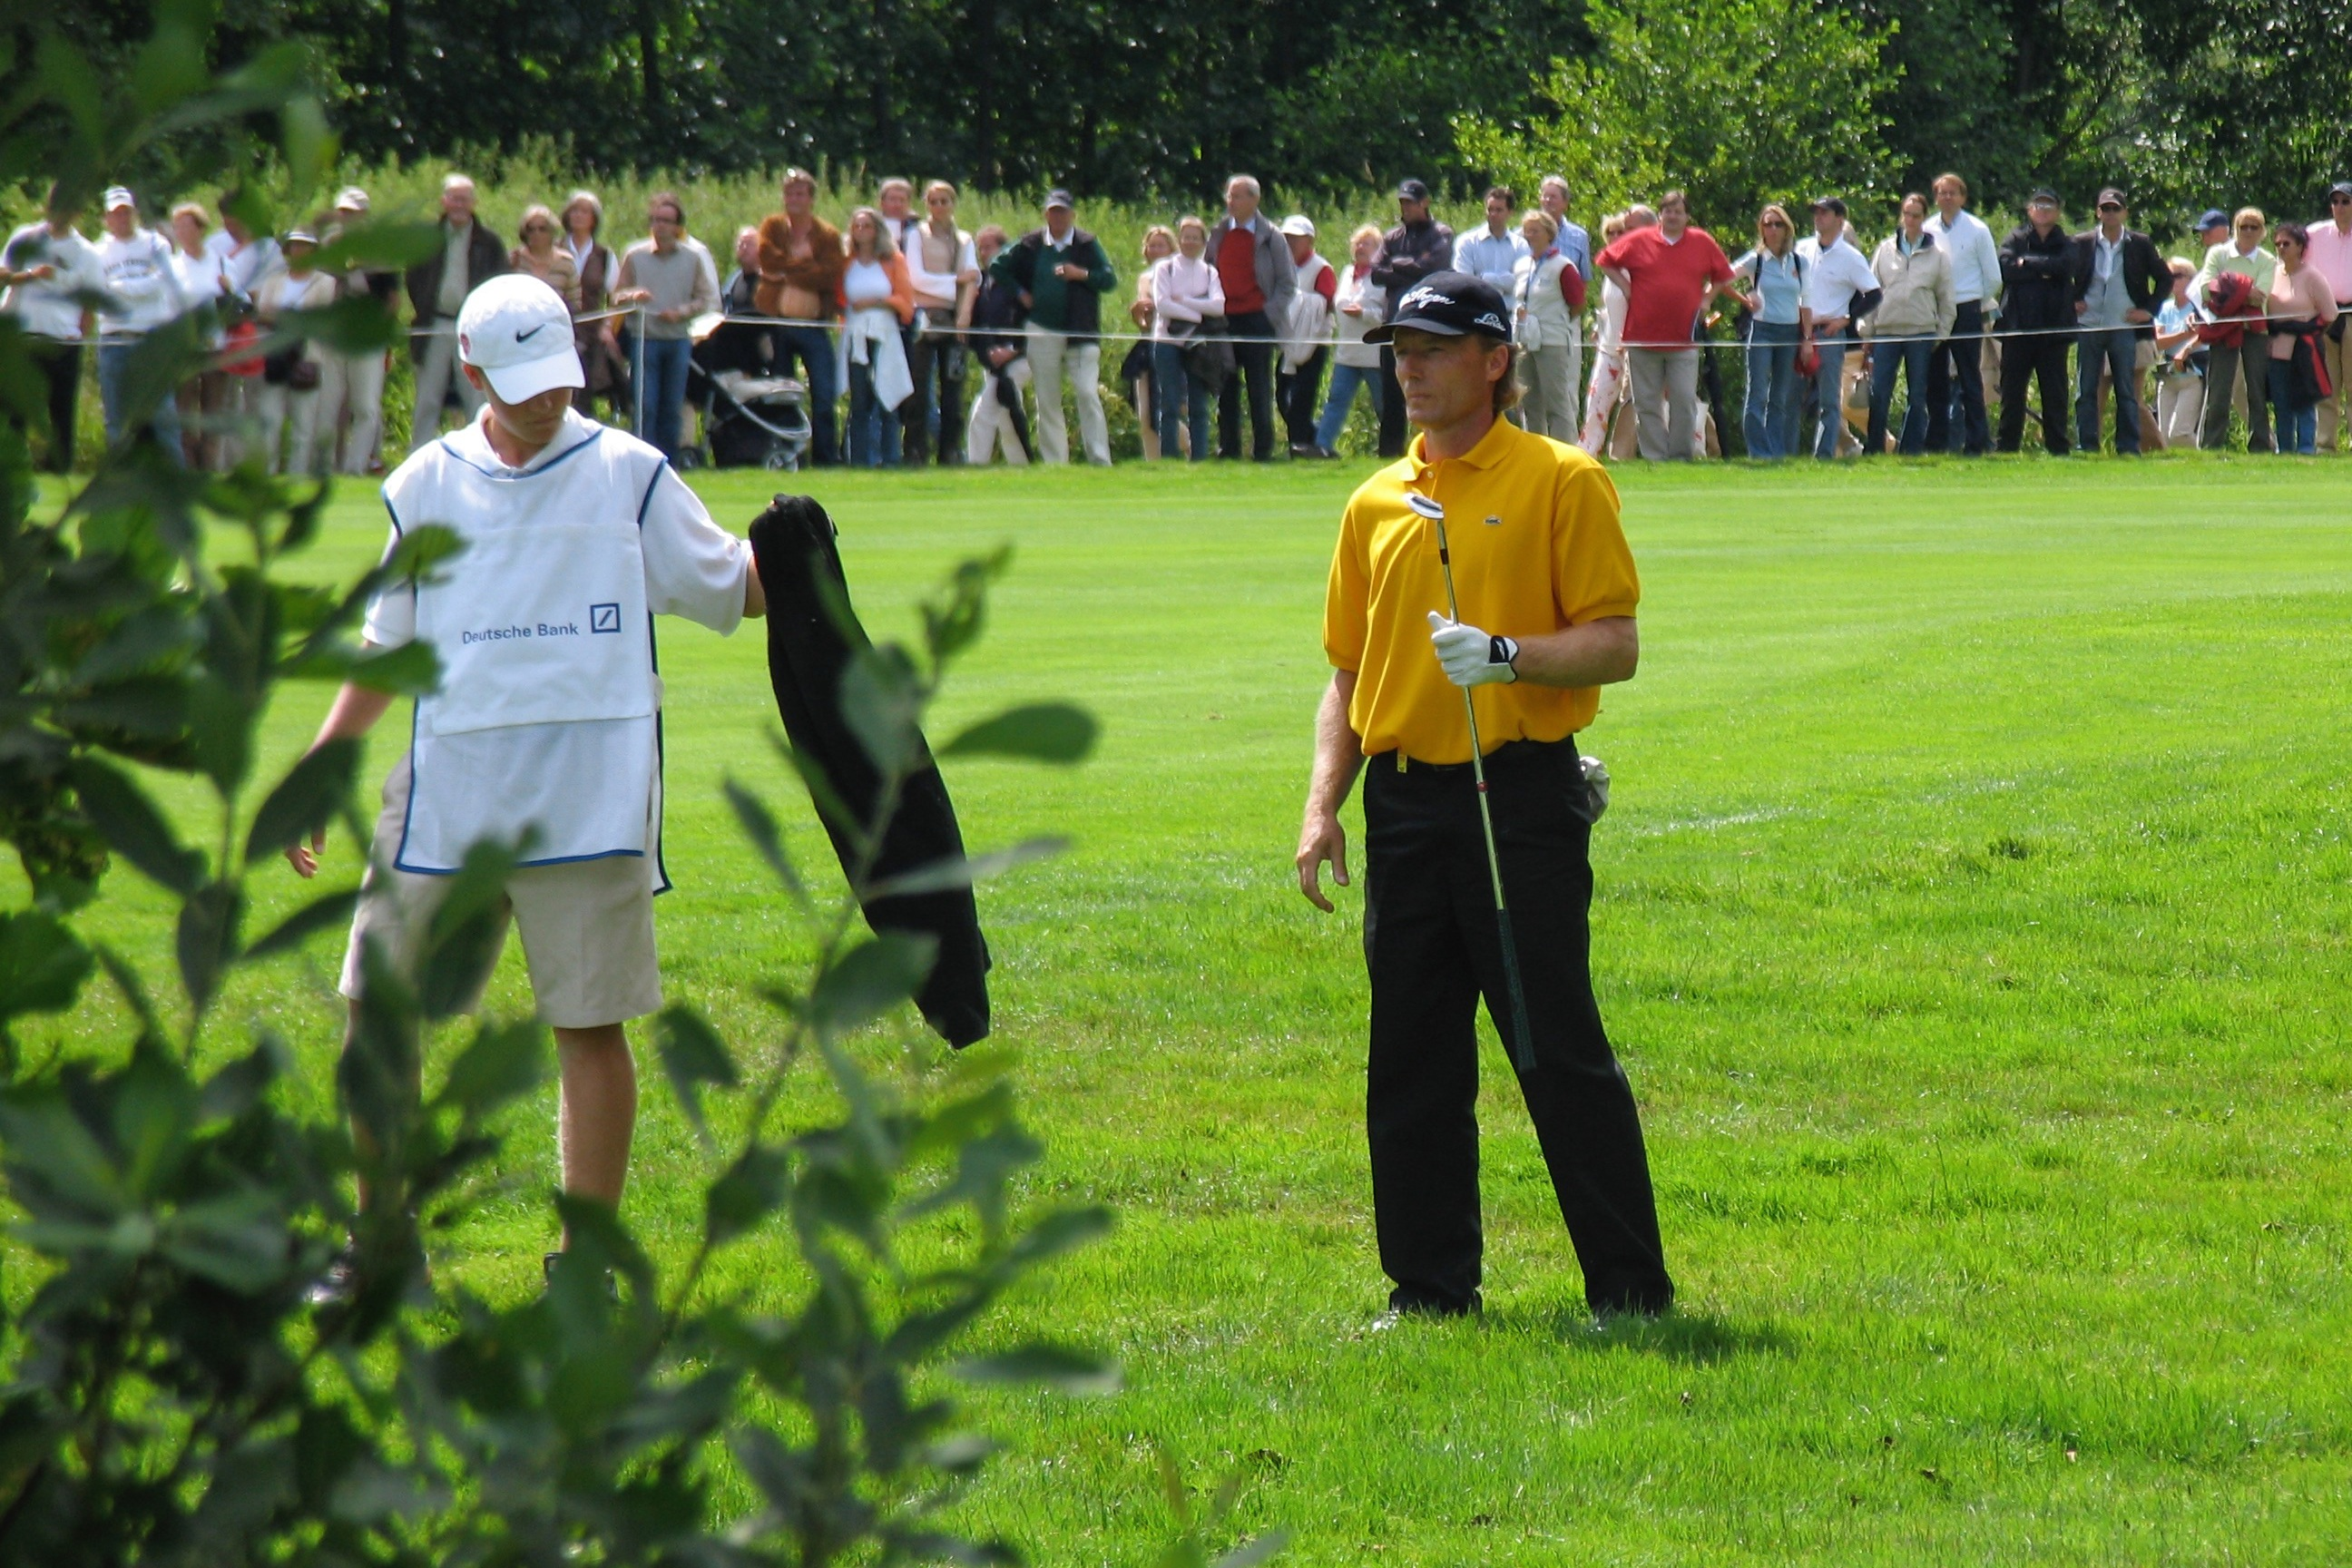 mba gestion campos de golf